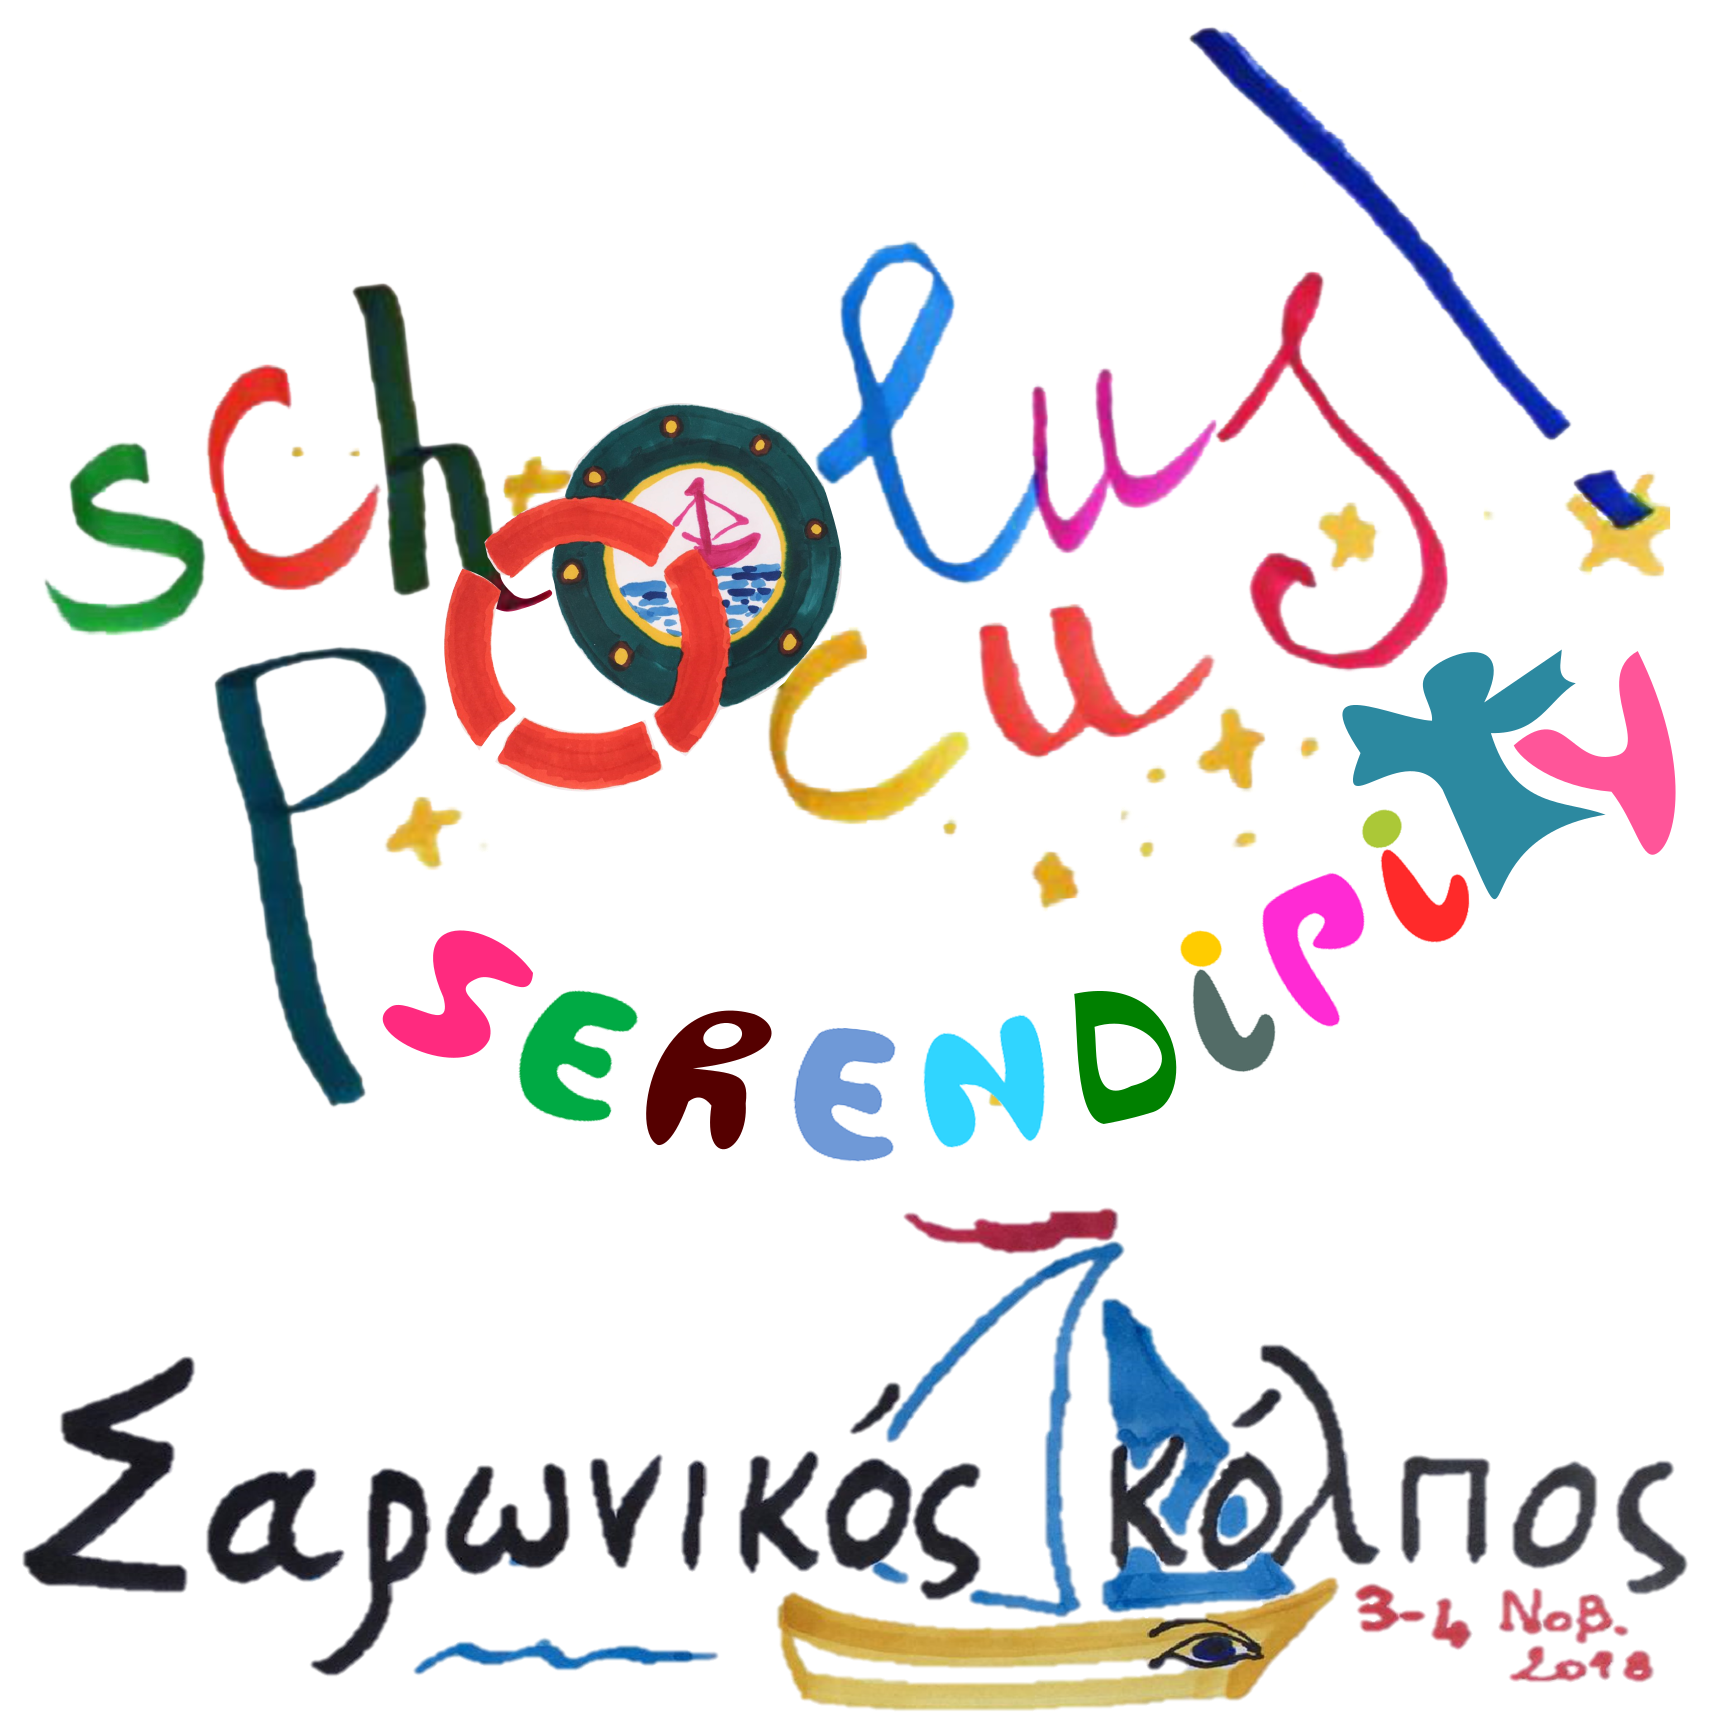 scholuspocus2